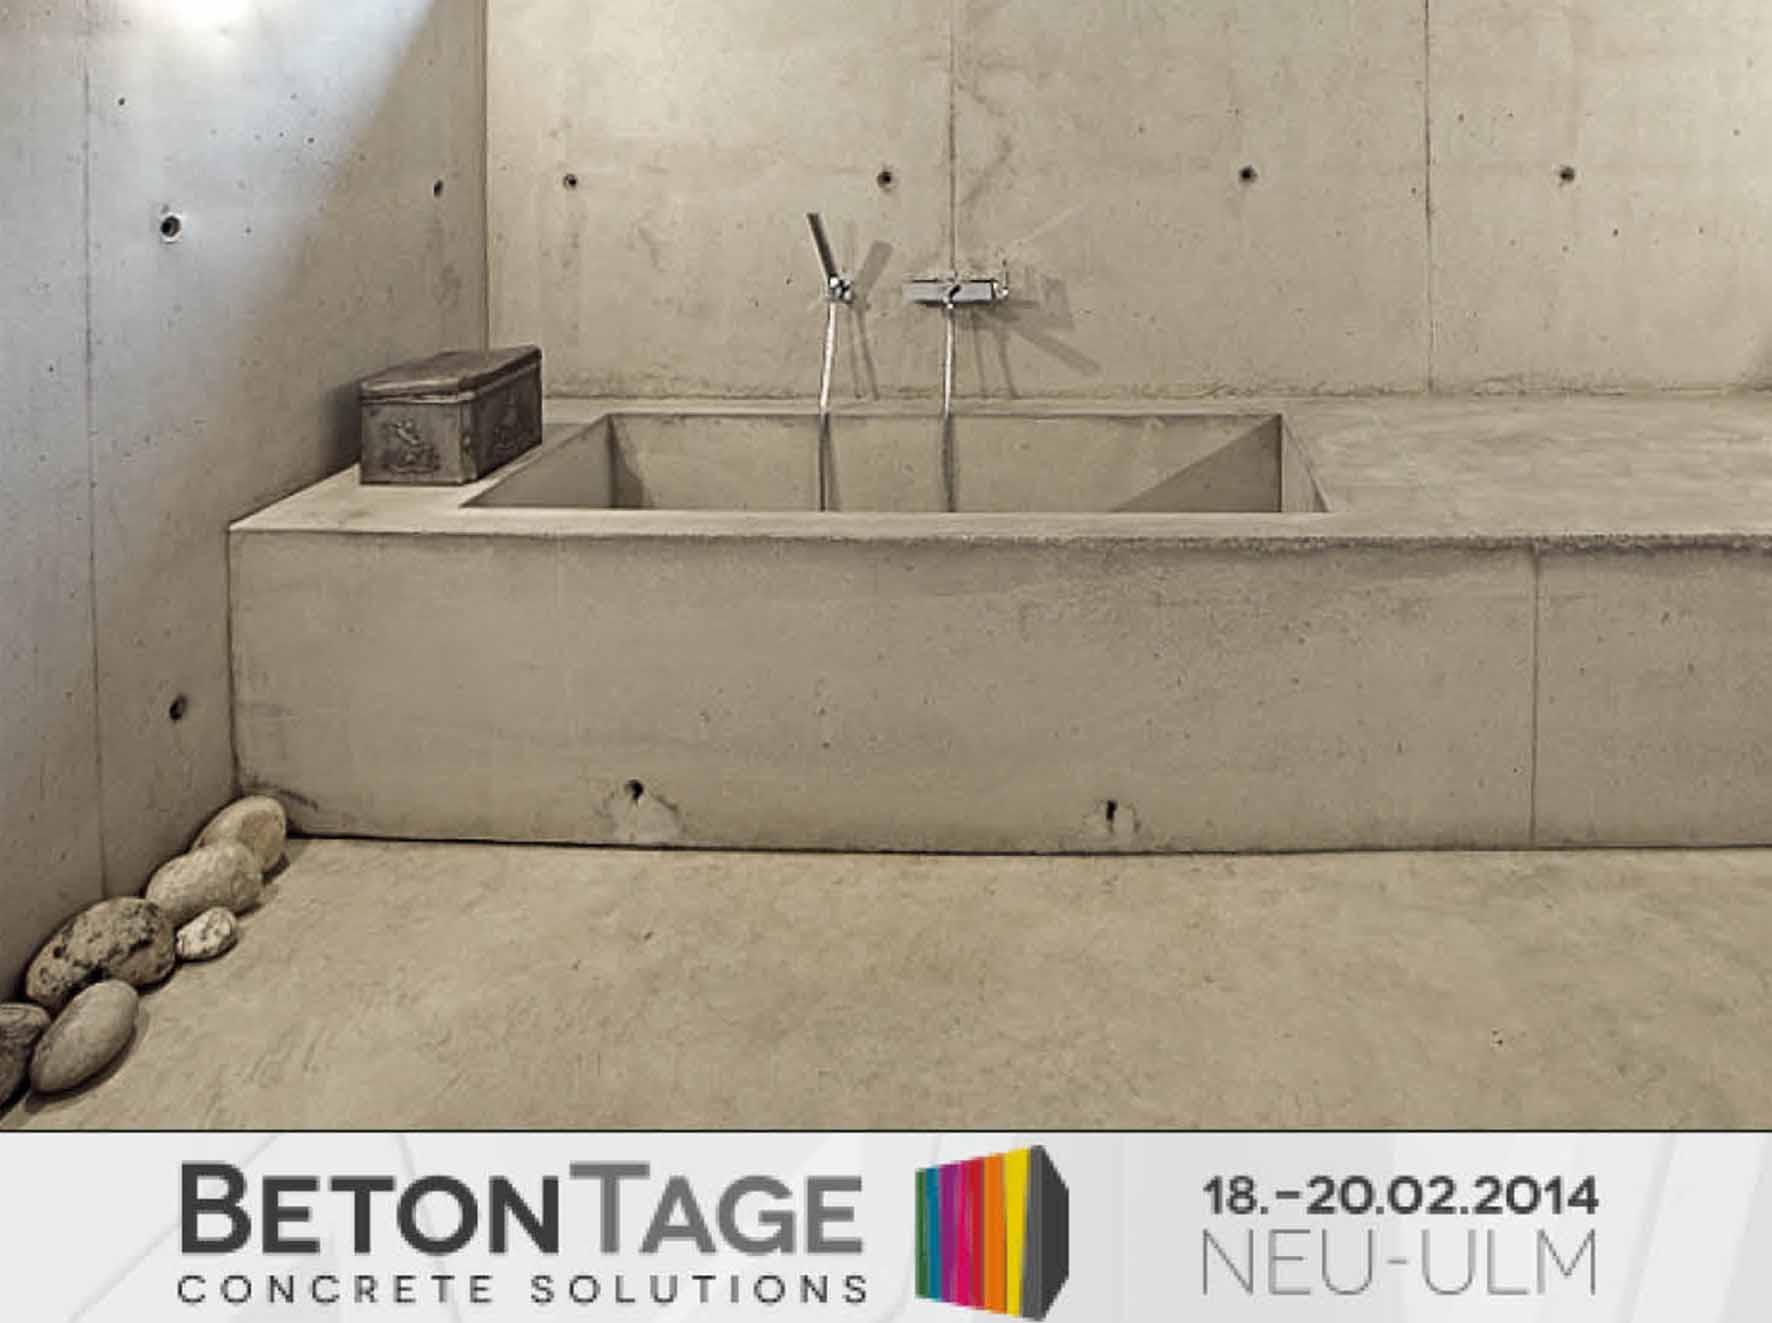 Das Plakat der Betontage mit einer Badewanne aus beton von Sennrich und Schneider